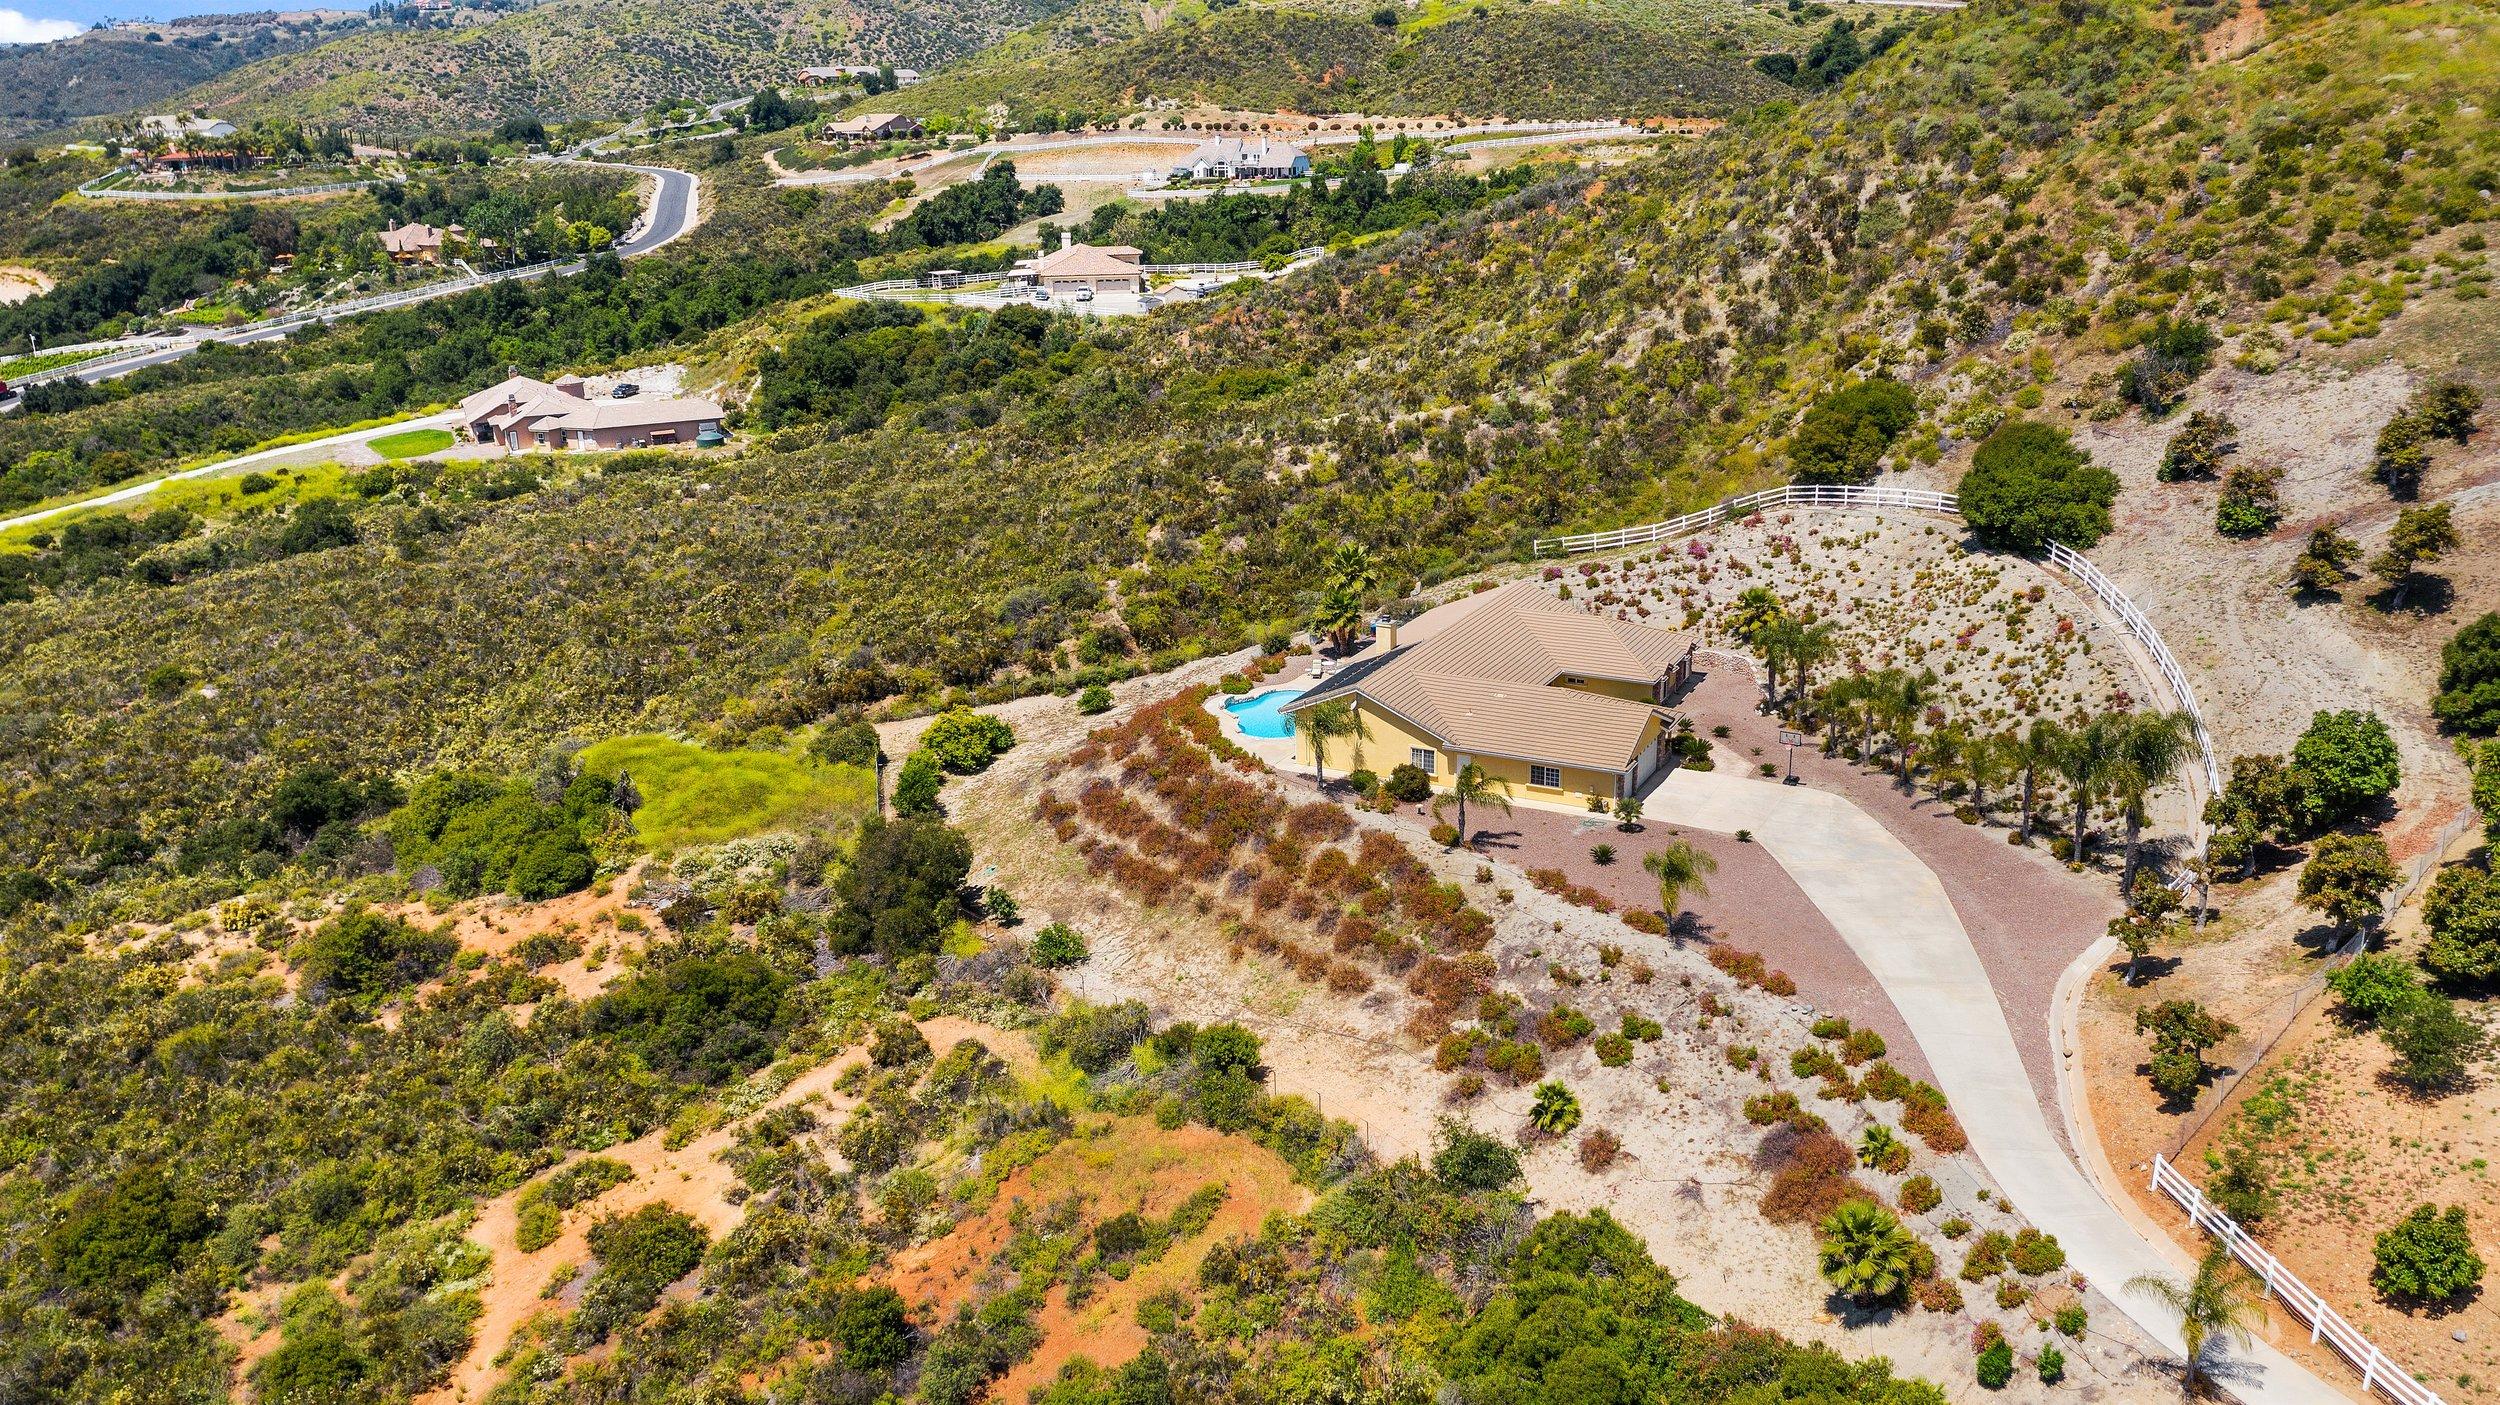 047_Aerial Side View.jpg